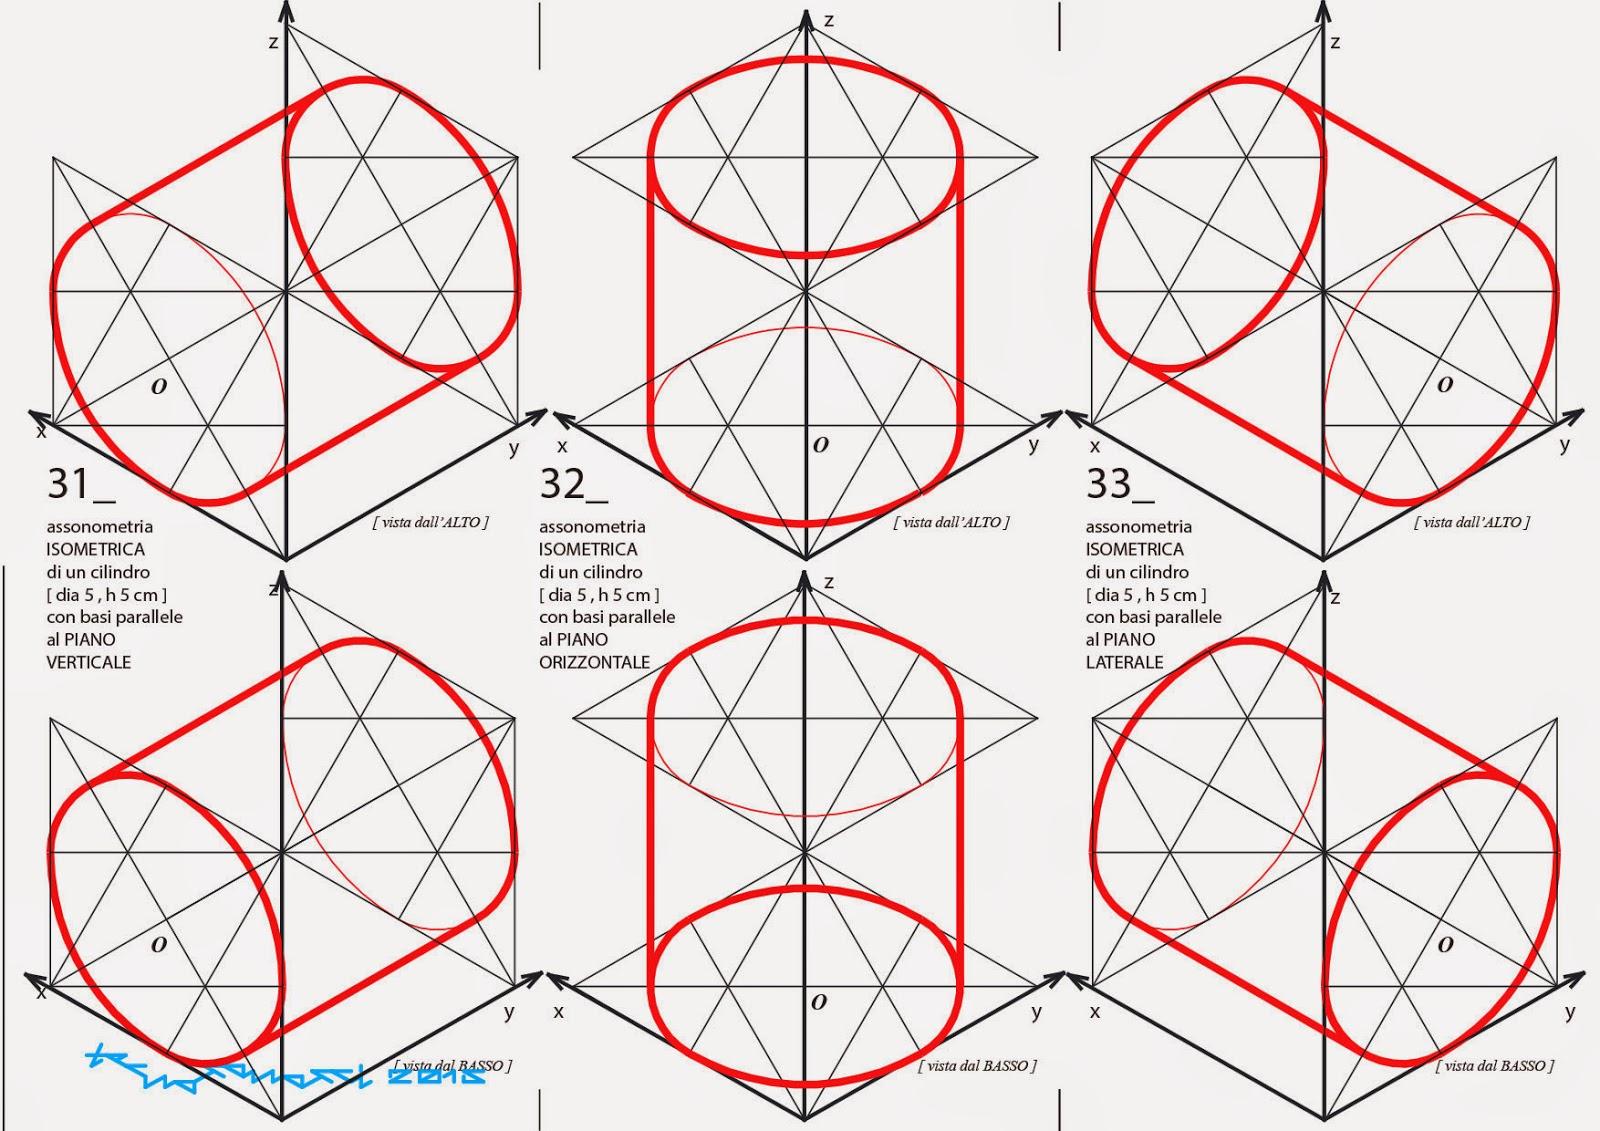 Come fare un arco in assonometria isometrica